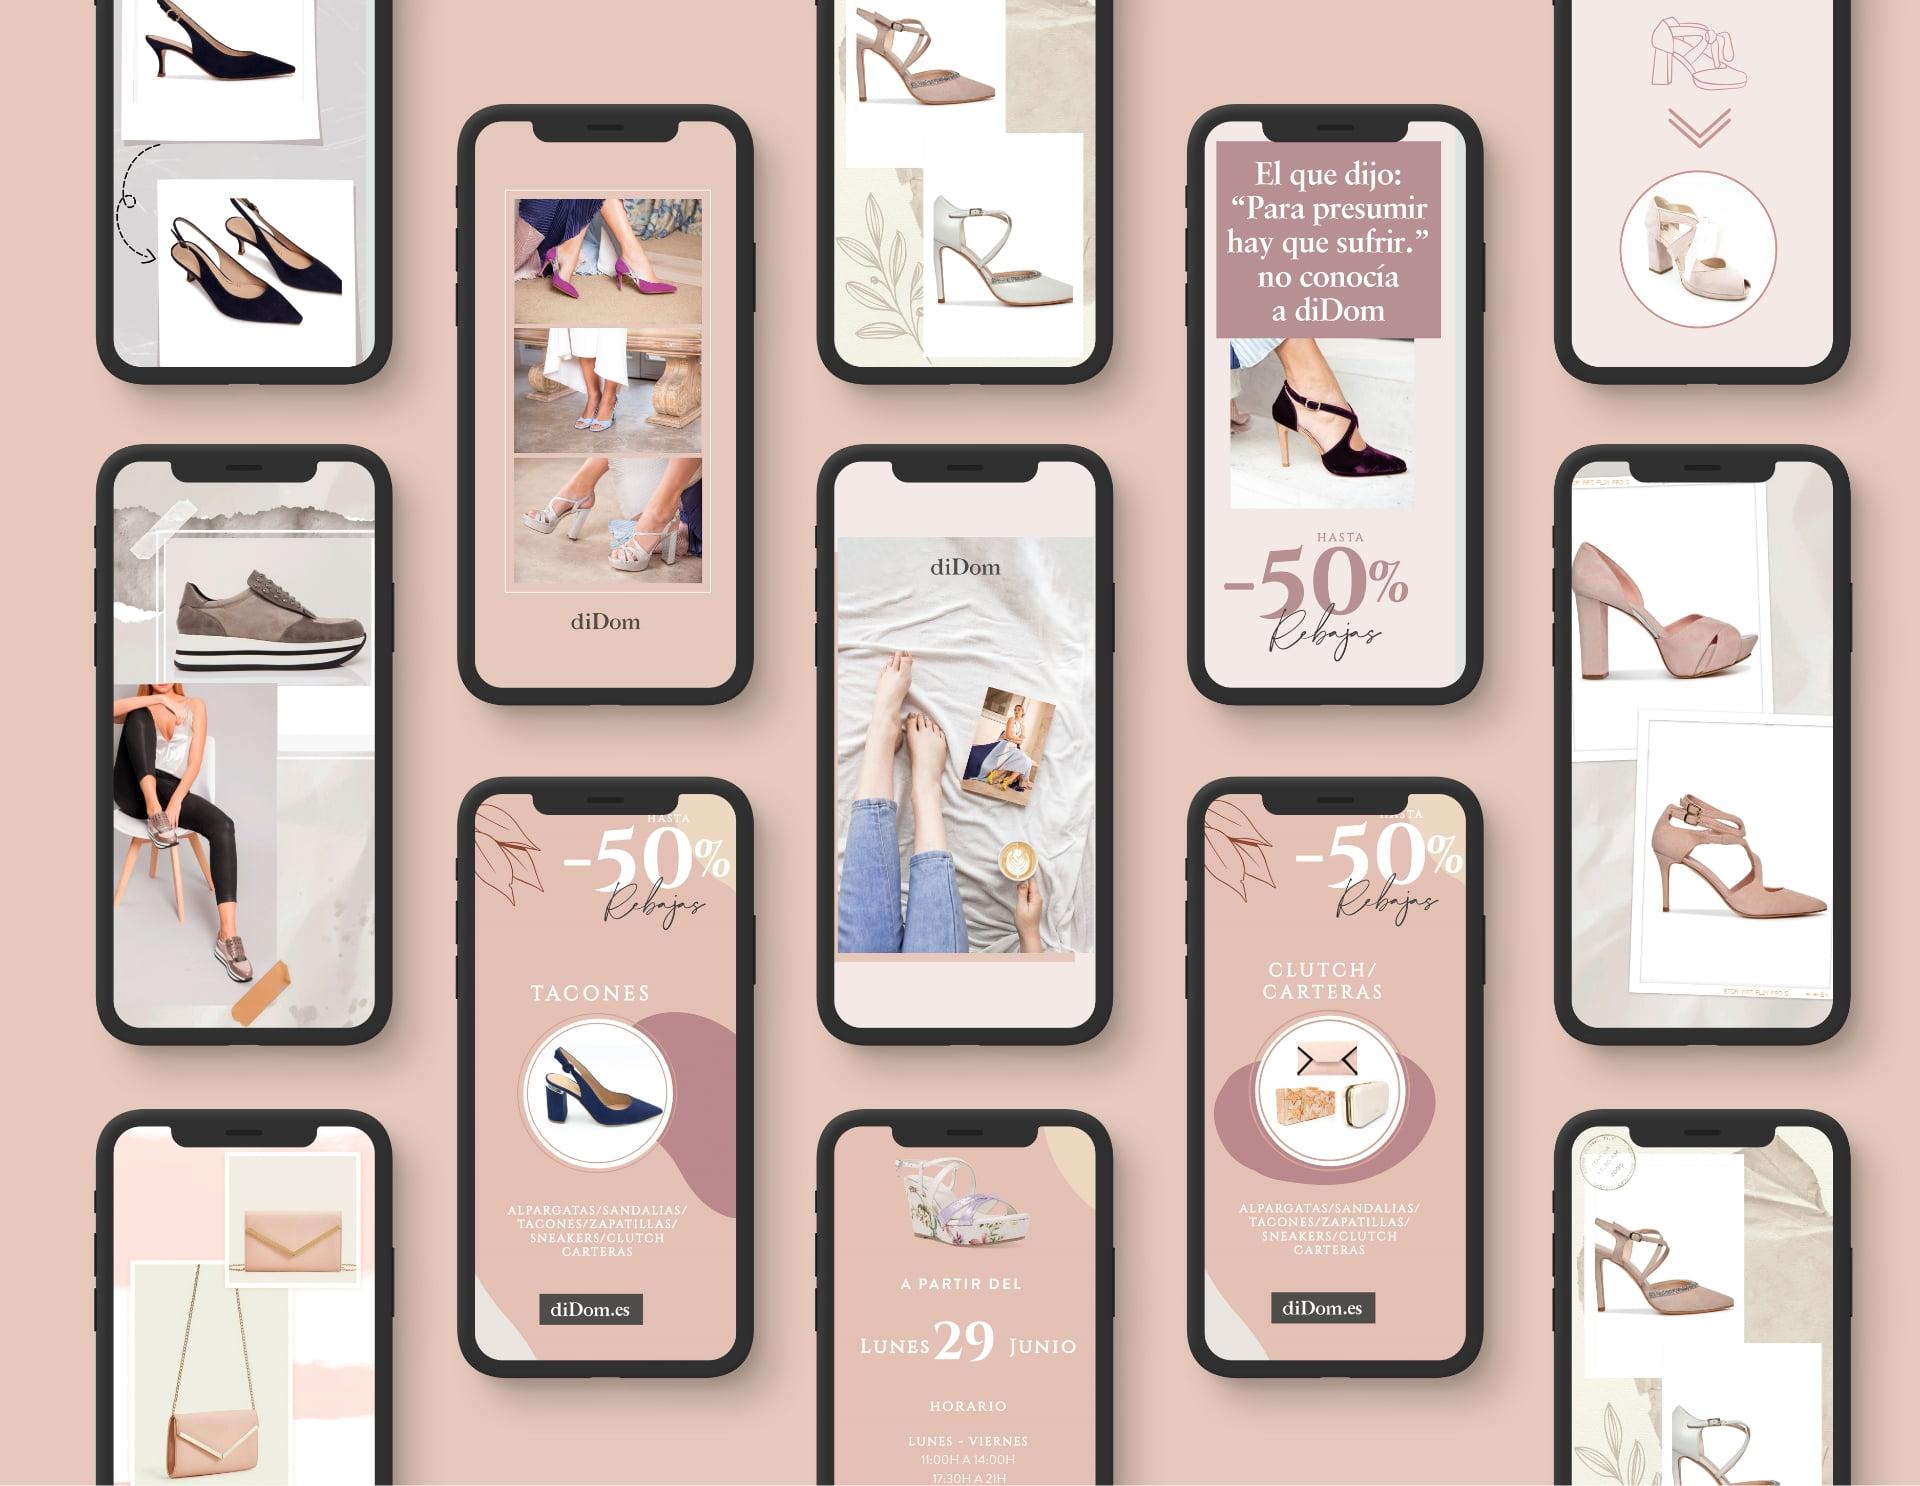 Diseño de Redes Sociales - Tienda Online - Redes Sociales